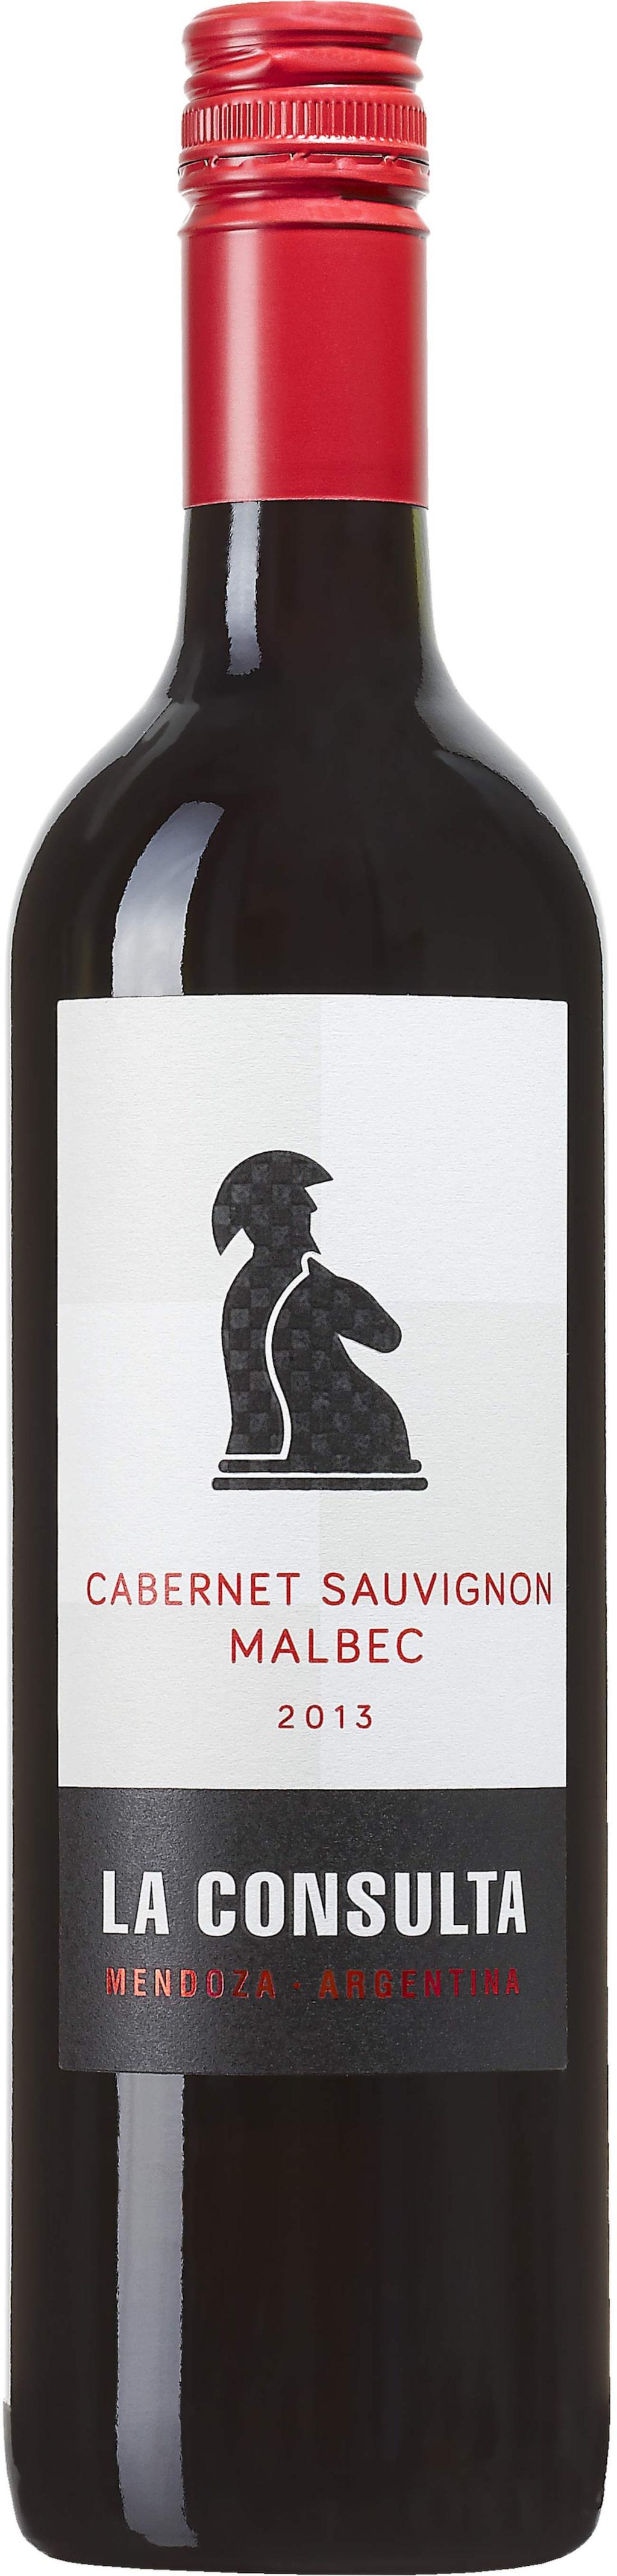 """<strong>La Consulta Cabernet Sauvignon Malbec 2013</strong><br>(6548) Argentina, 69 kronor<br>Tydliga drag av mörka bär, mynta och vingummin i smaken. Fint till en smakrik kött- och grönsaksgryta.<br><exp:icon type=""""wasp""""></exp:icon><exp:icon type=""""wasp""""></exp:icon><exp:icon type=""""wasp""""></exp:icon>"""